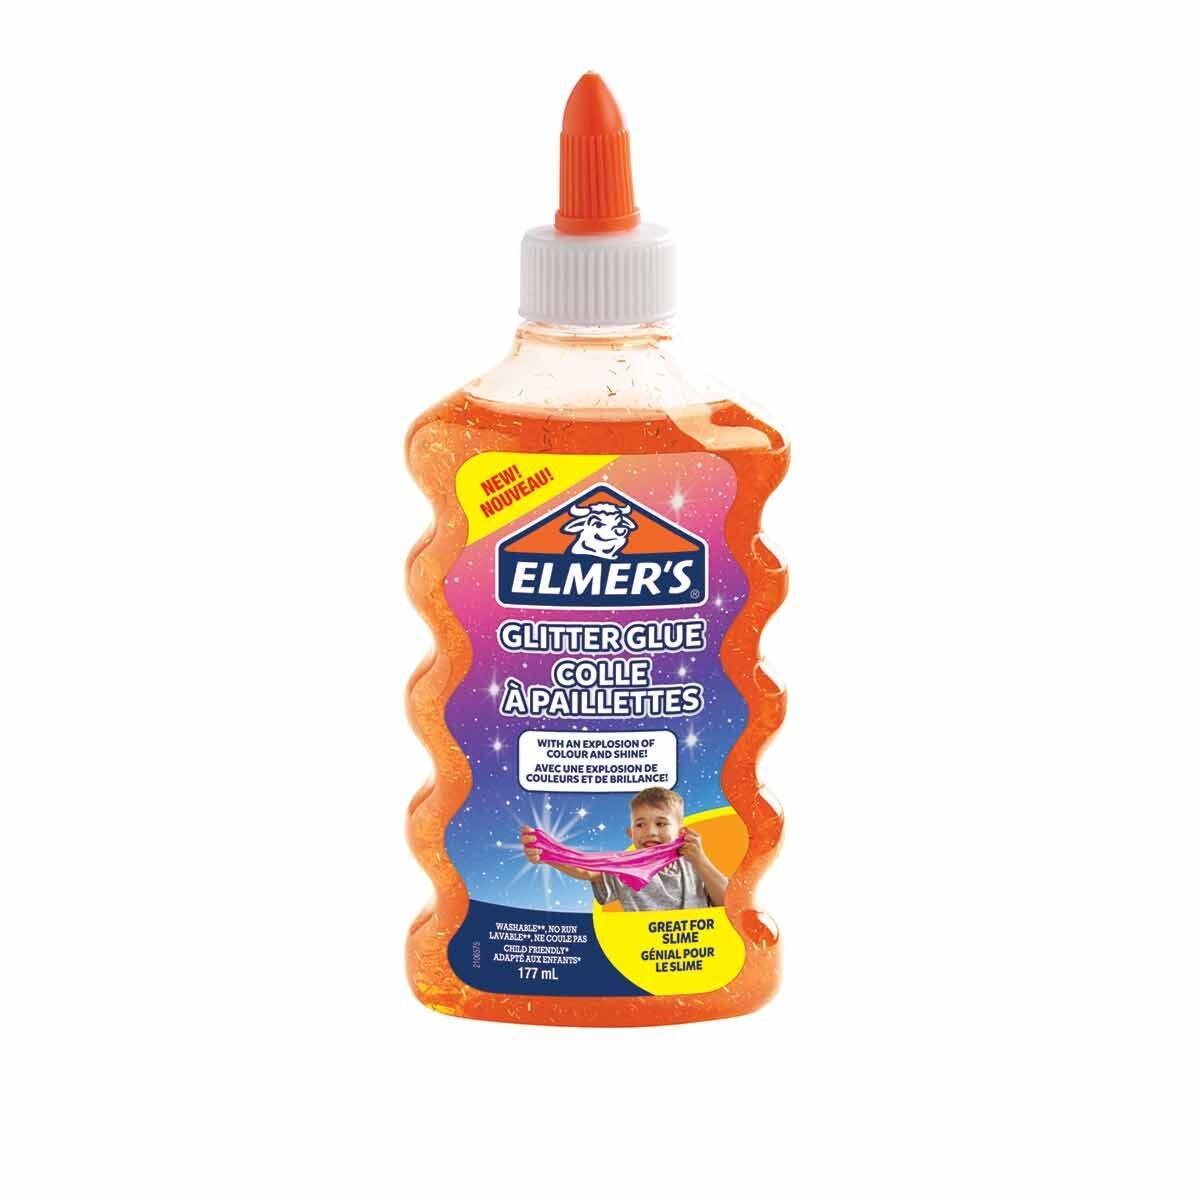 Elmers Glitter Glue 177ml Orange